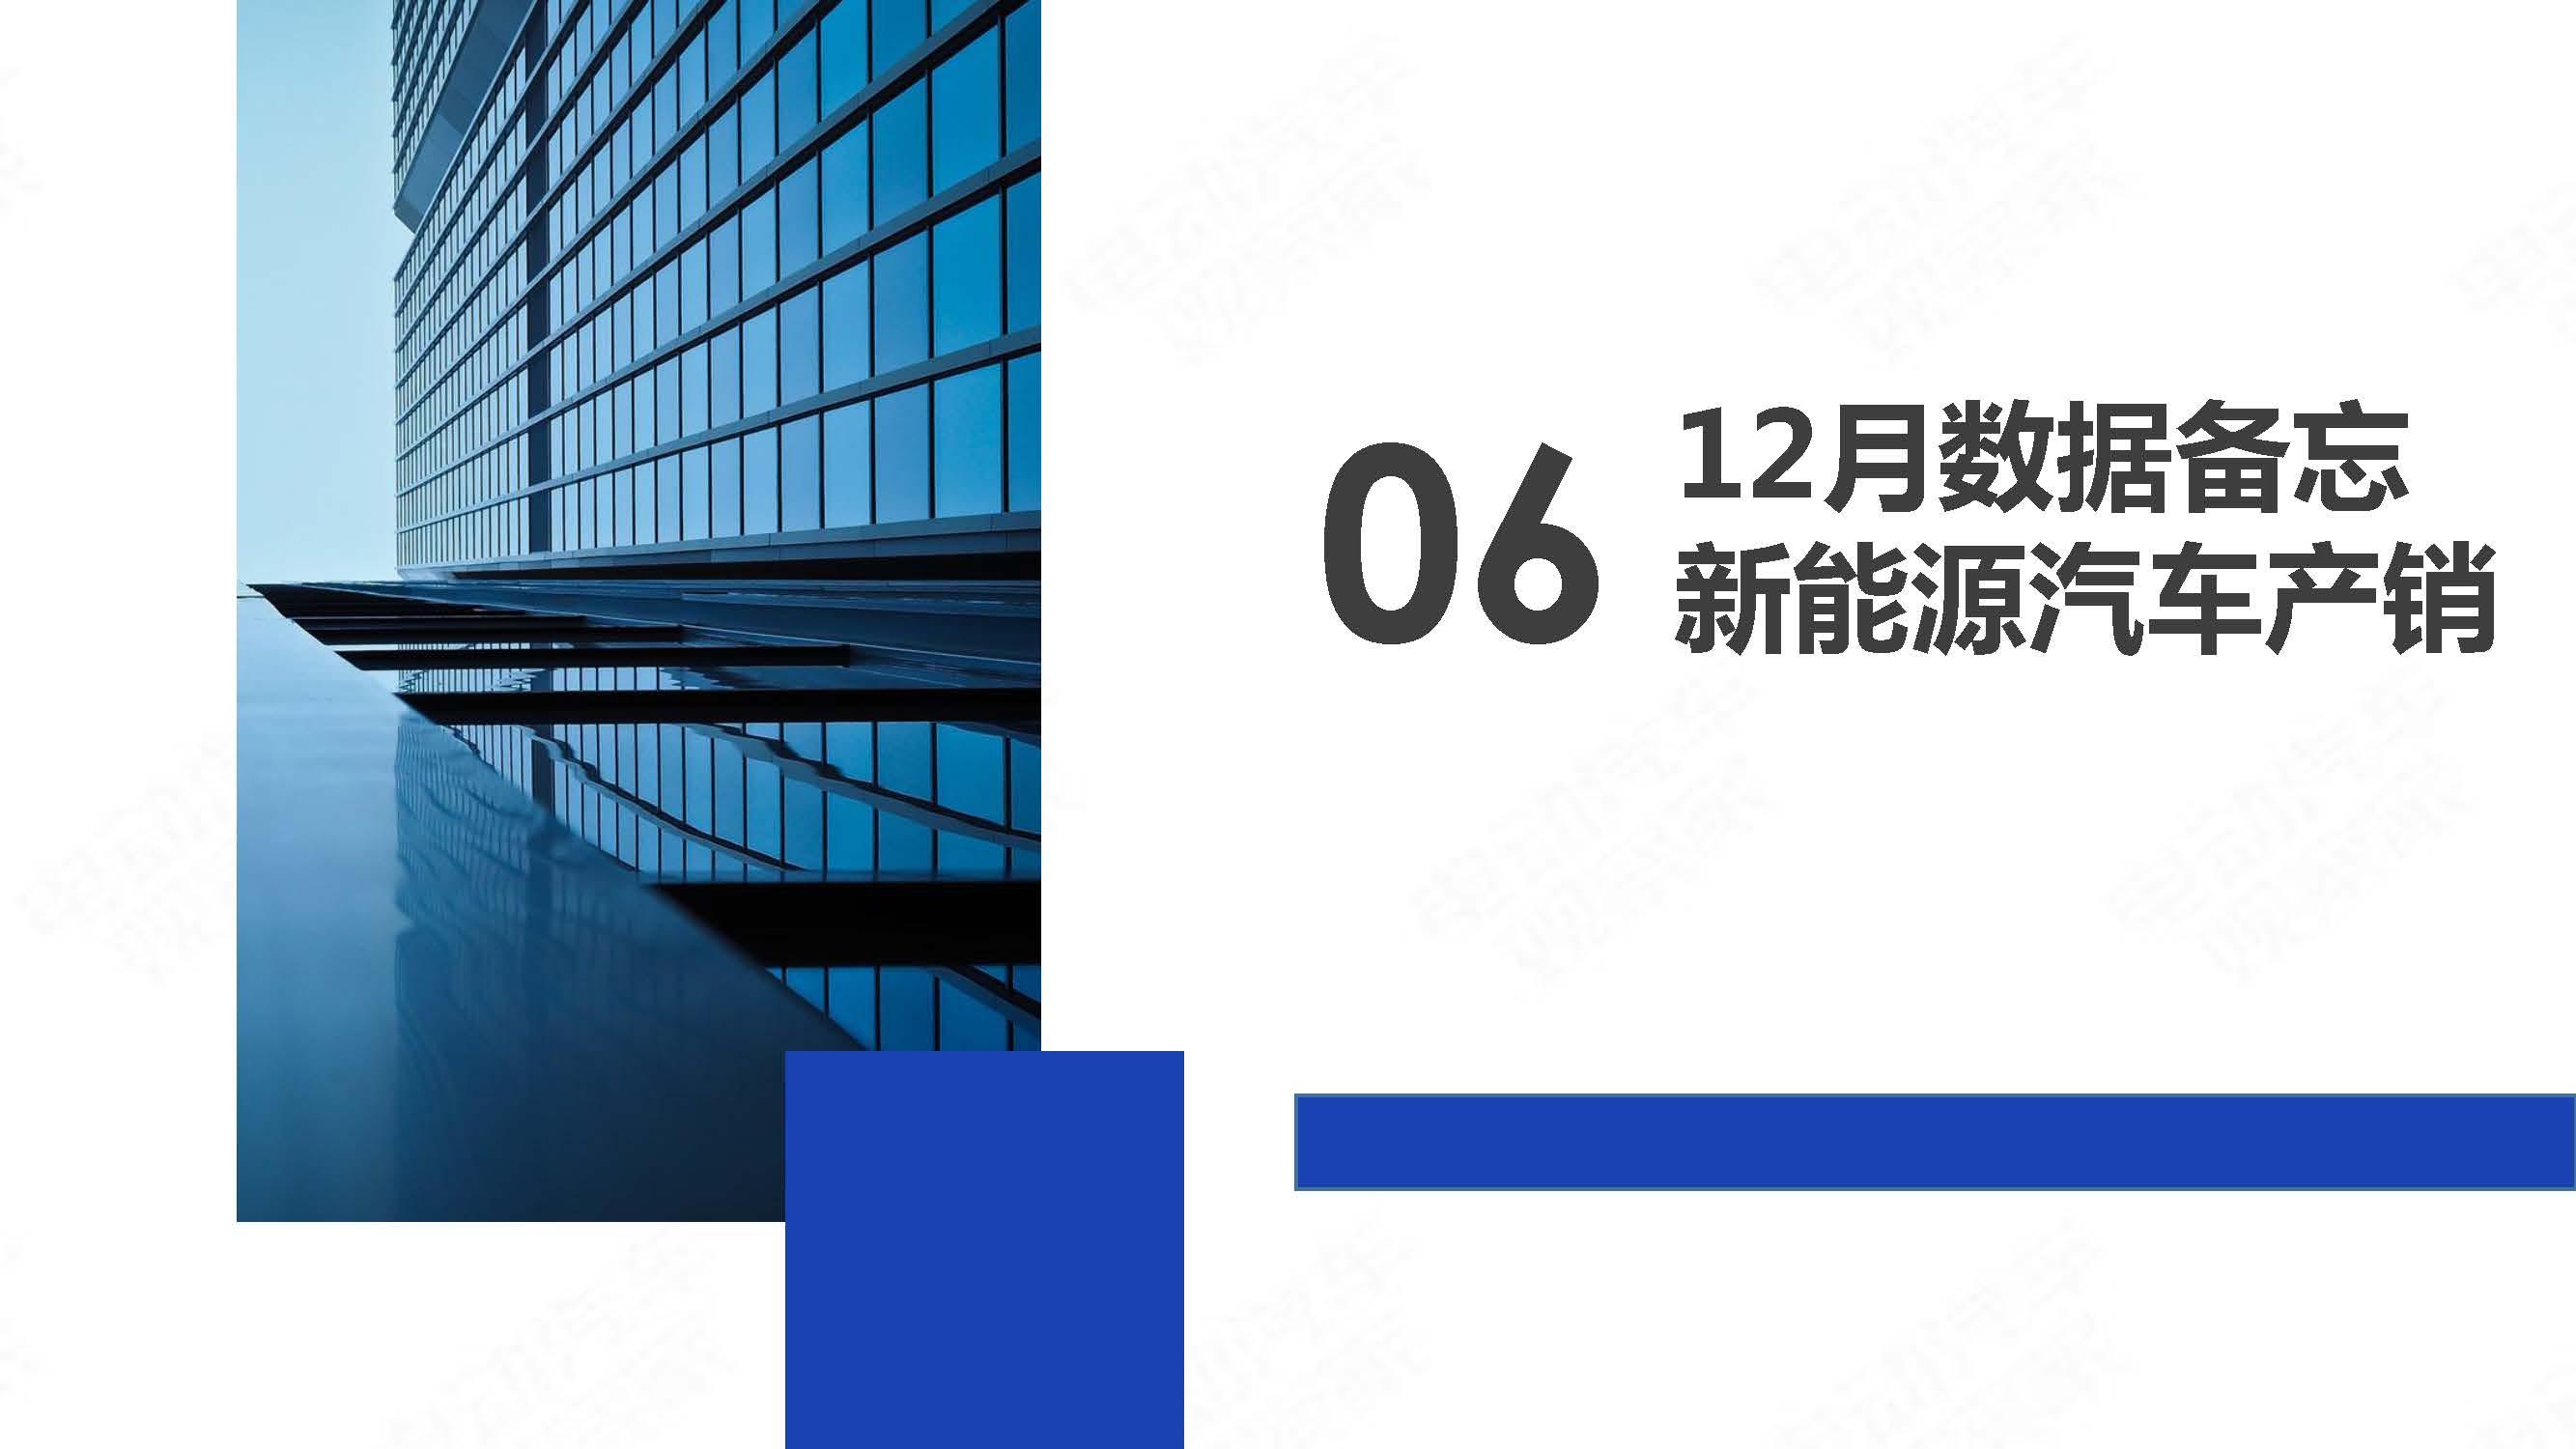 中国新能源汽车产业年度观察2020 简版_页面_48